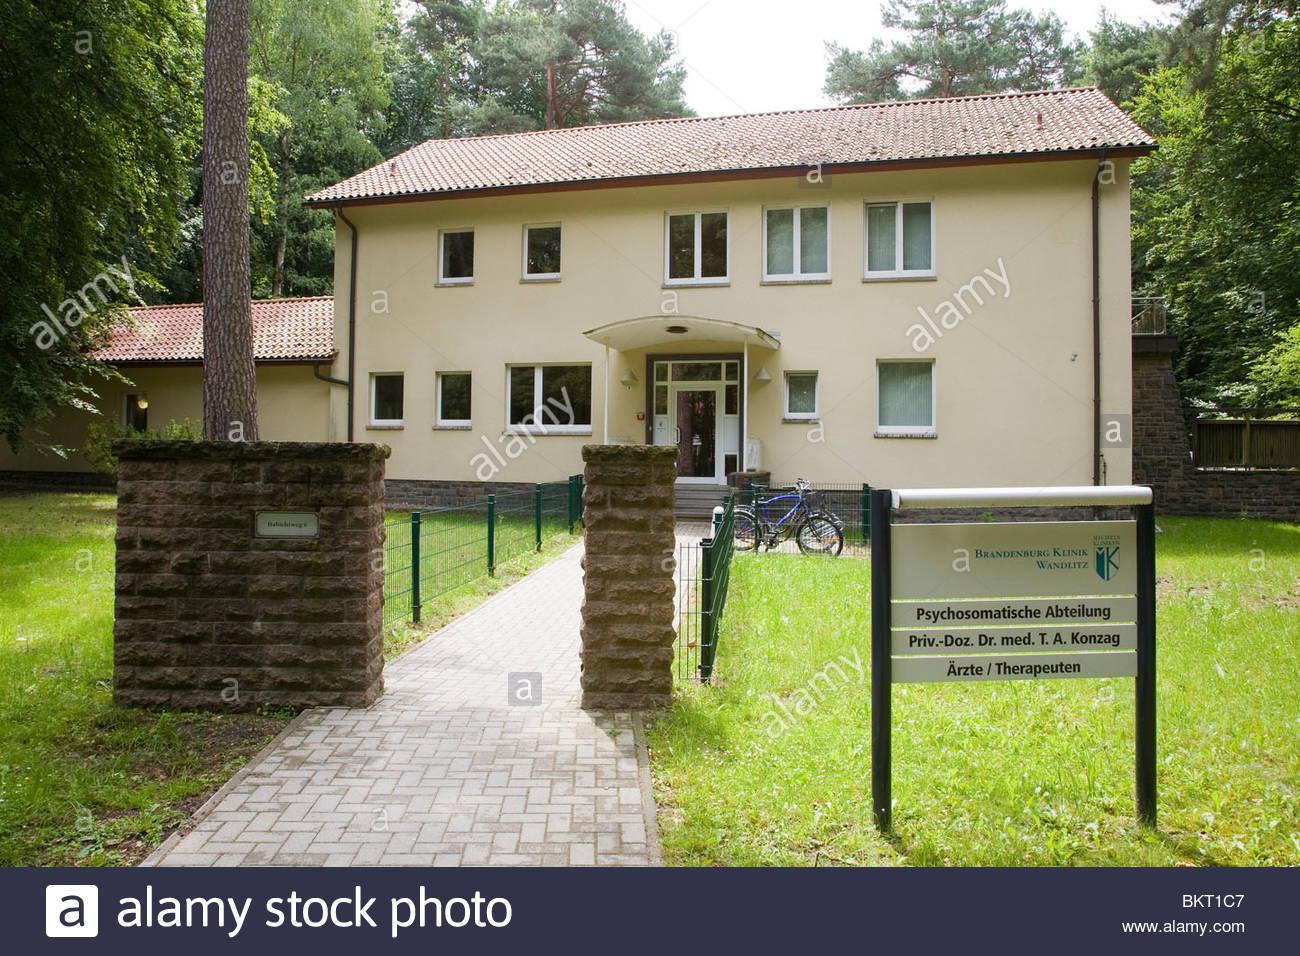 brandenburg clinic,politburos,Waldsiedlung,Brandenburg,Germany - Stock Image